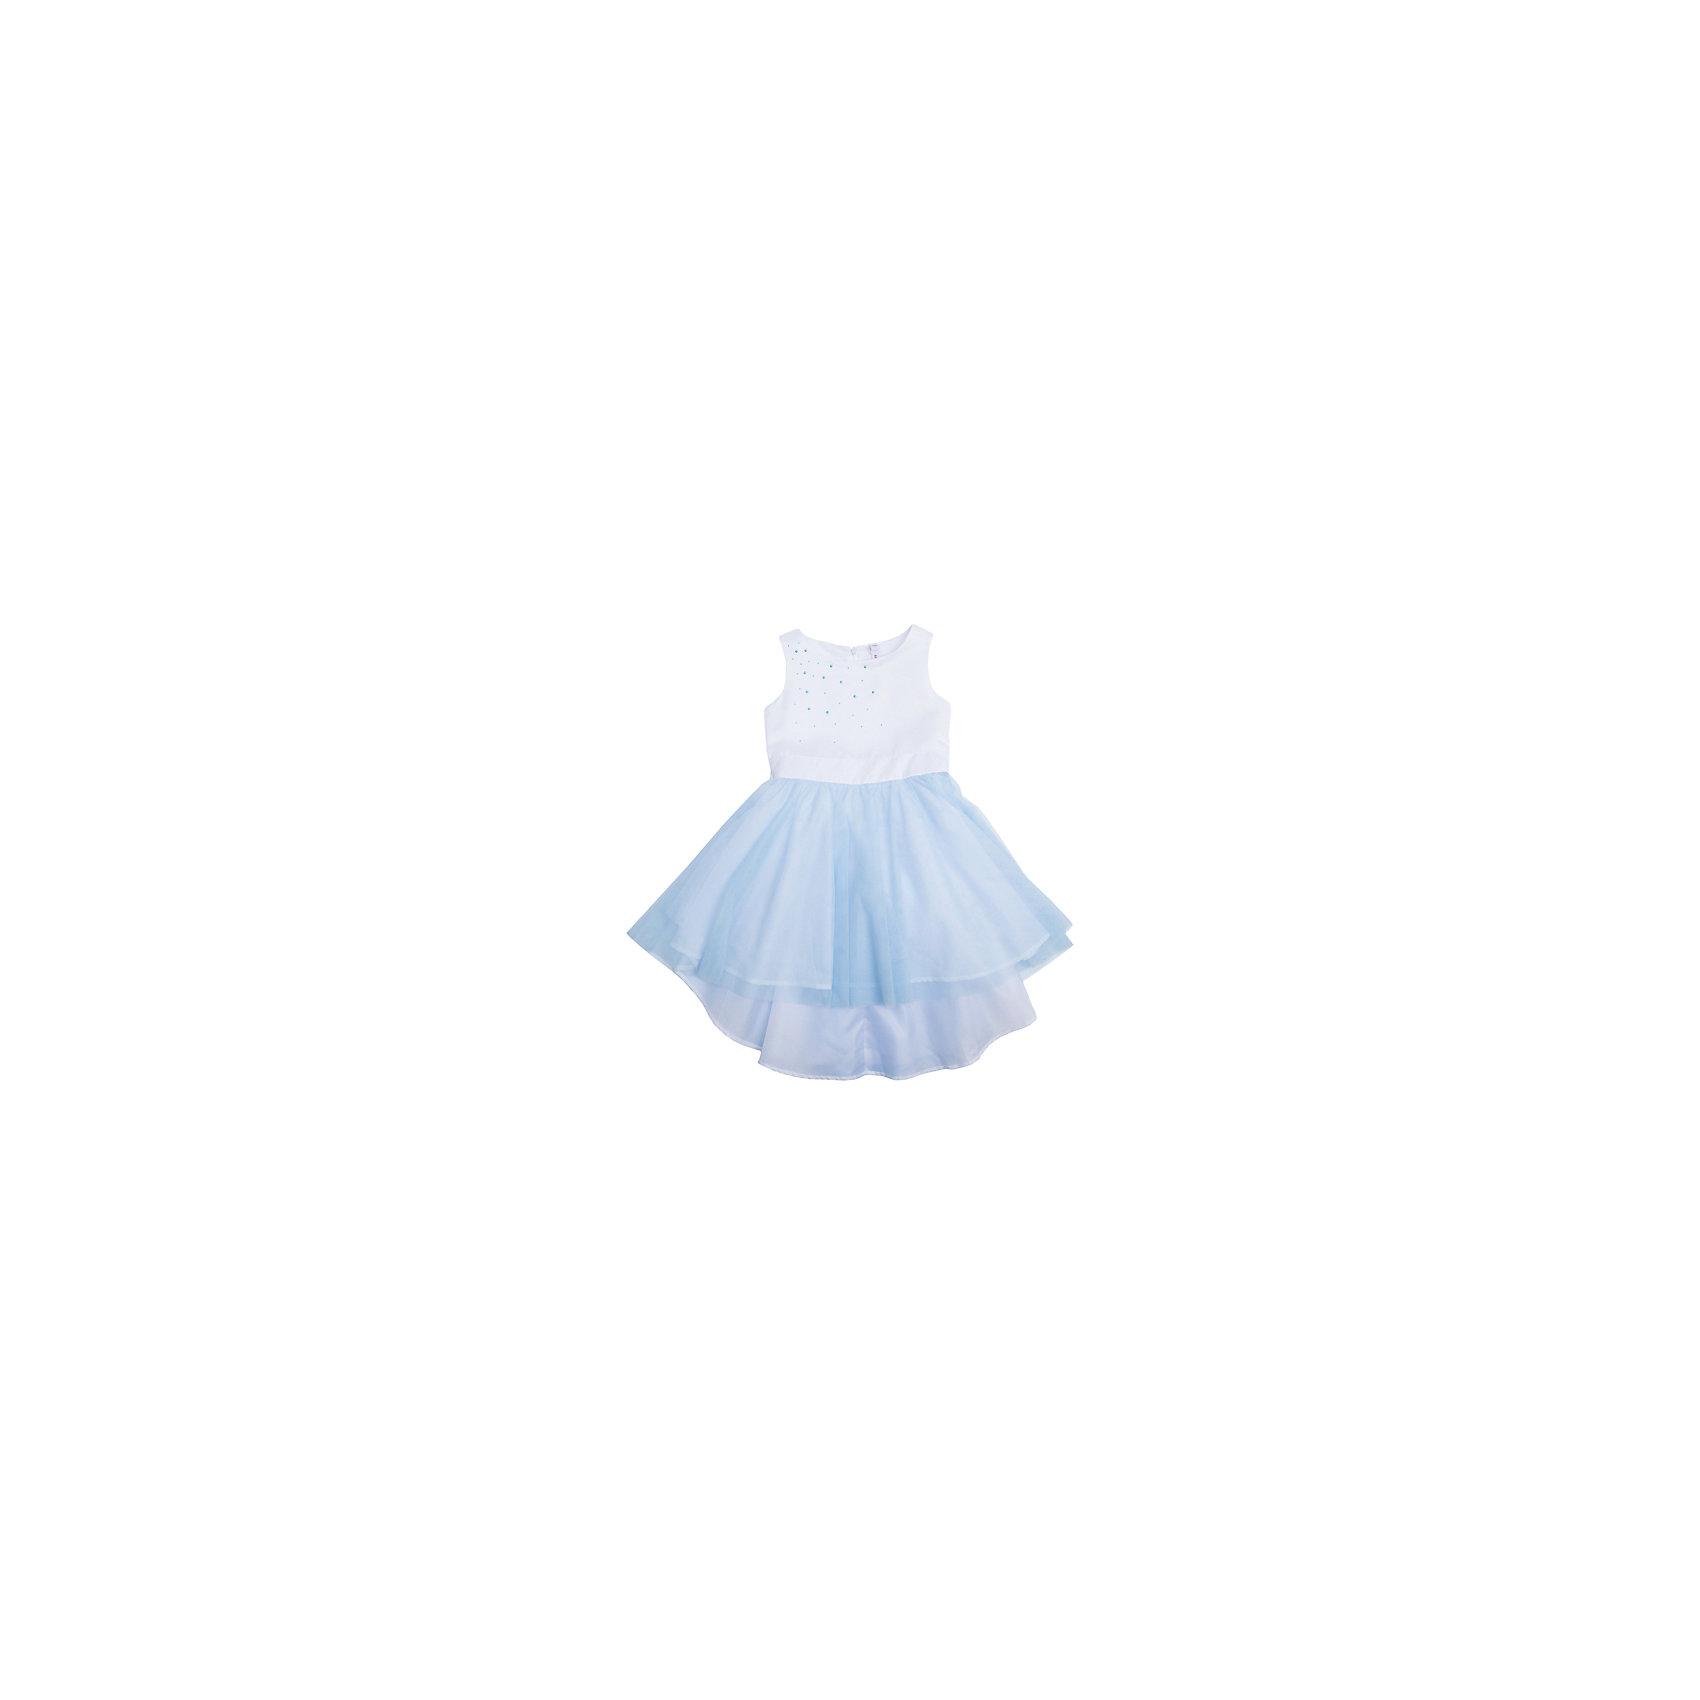 Платье для девочки PlayTodayОдежда<br>Платье для девочки от известного бренда PlayToday.<br>Платье без рукавов.<br><br>Верх выполнен из мягкого гипюра, хлопковая подкладка обеспечивает максимальное удобство. Удлиненная задняя часть создает эффект шлейфа. Украшено асимметричной россыпью жемчужных страз с правого плеча. Застегивается на потайную молнию сзади.<br>Состав:<br>Верх: 100% полиэстер, Подкладка: 100% хлопок<br><br>Ширина мм: 236<br>Глубина мм: 16<br>Высота мм: 184<br>Вес г: 177<br>Цвет: белый<br>Возраст от месяцев: 84<br>Возраст до месяцев: 96<br>Пол: Женский<br>Возраст: Детский<br>Размер: 128,116,98,122,104,110<br>SKU: 5113805